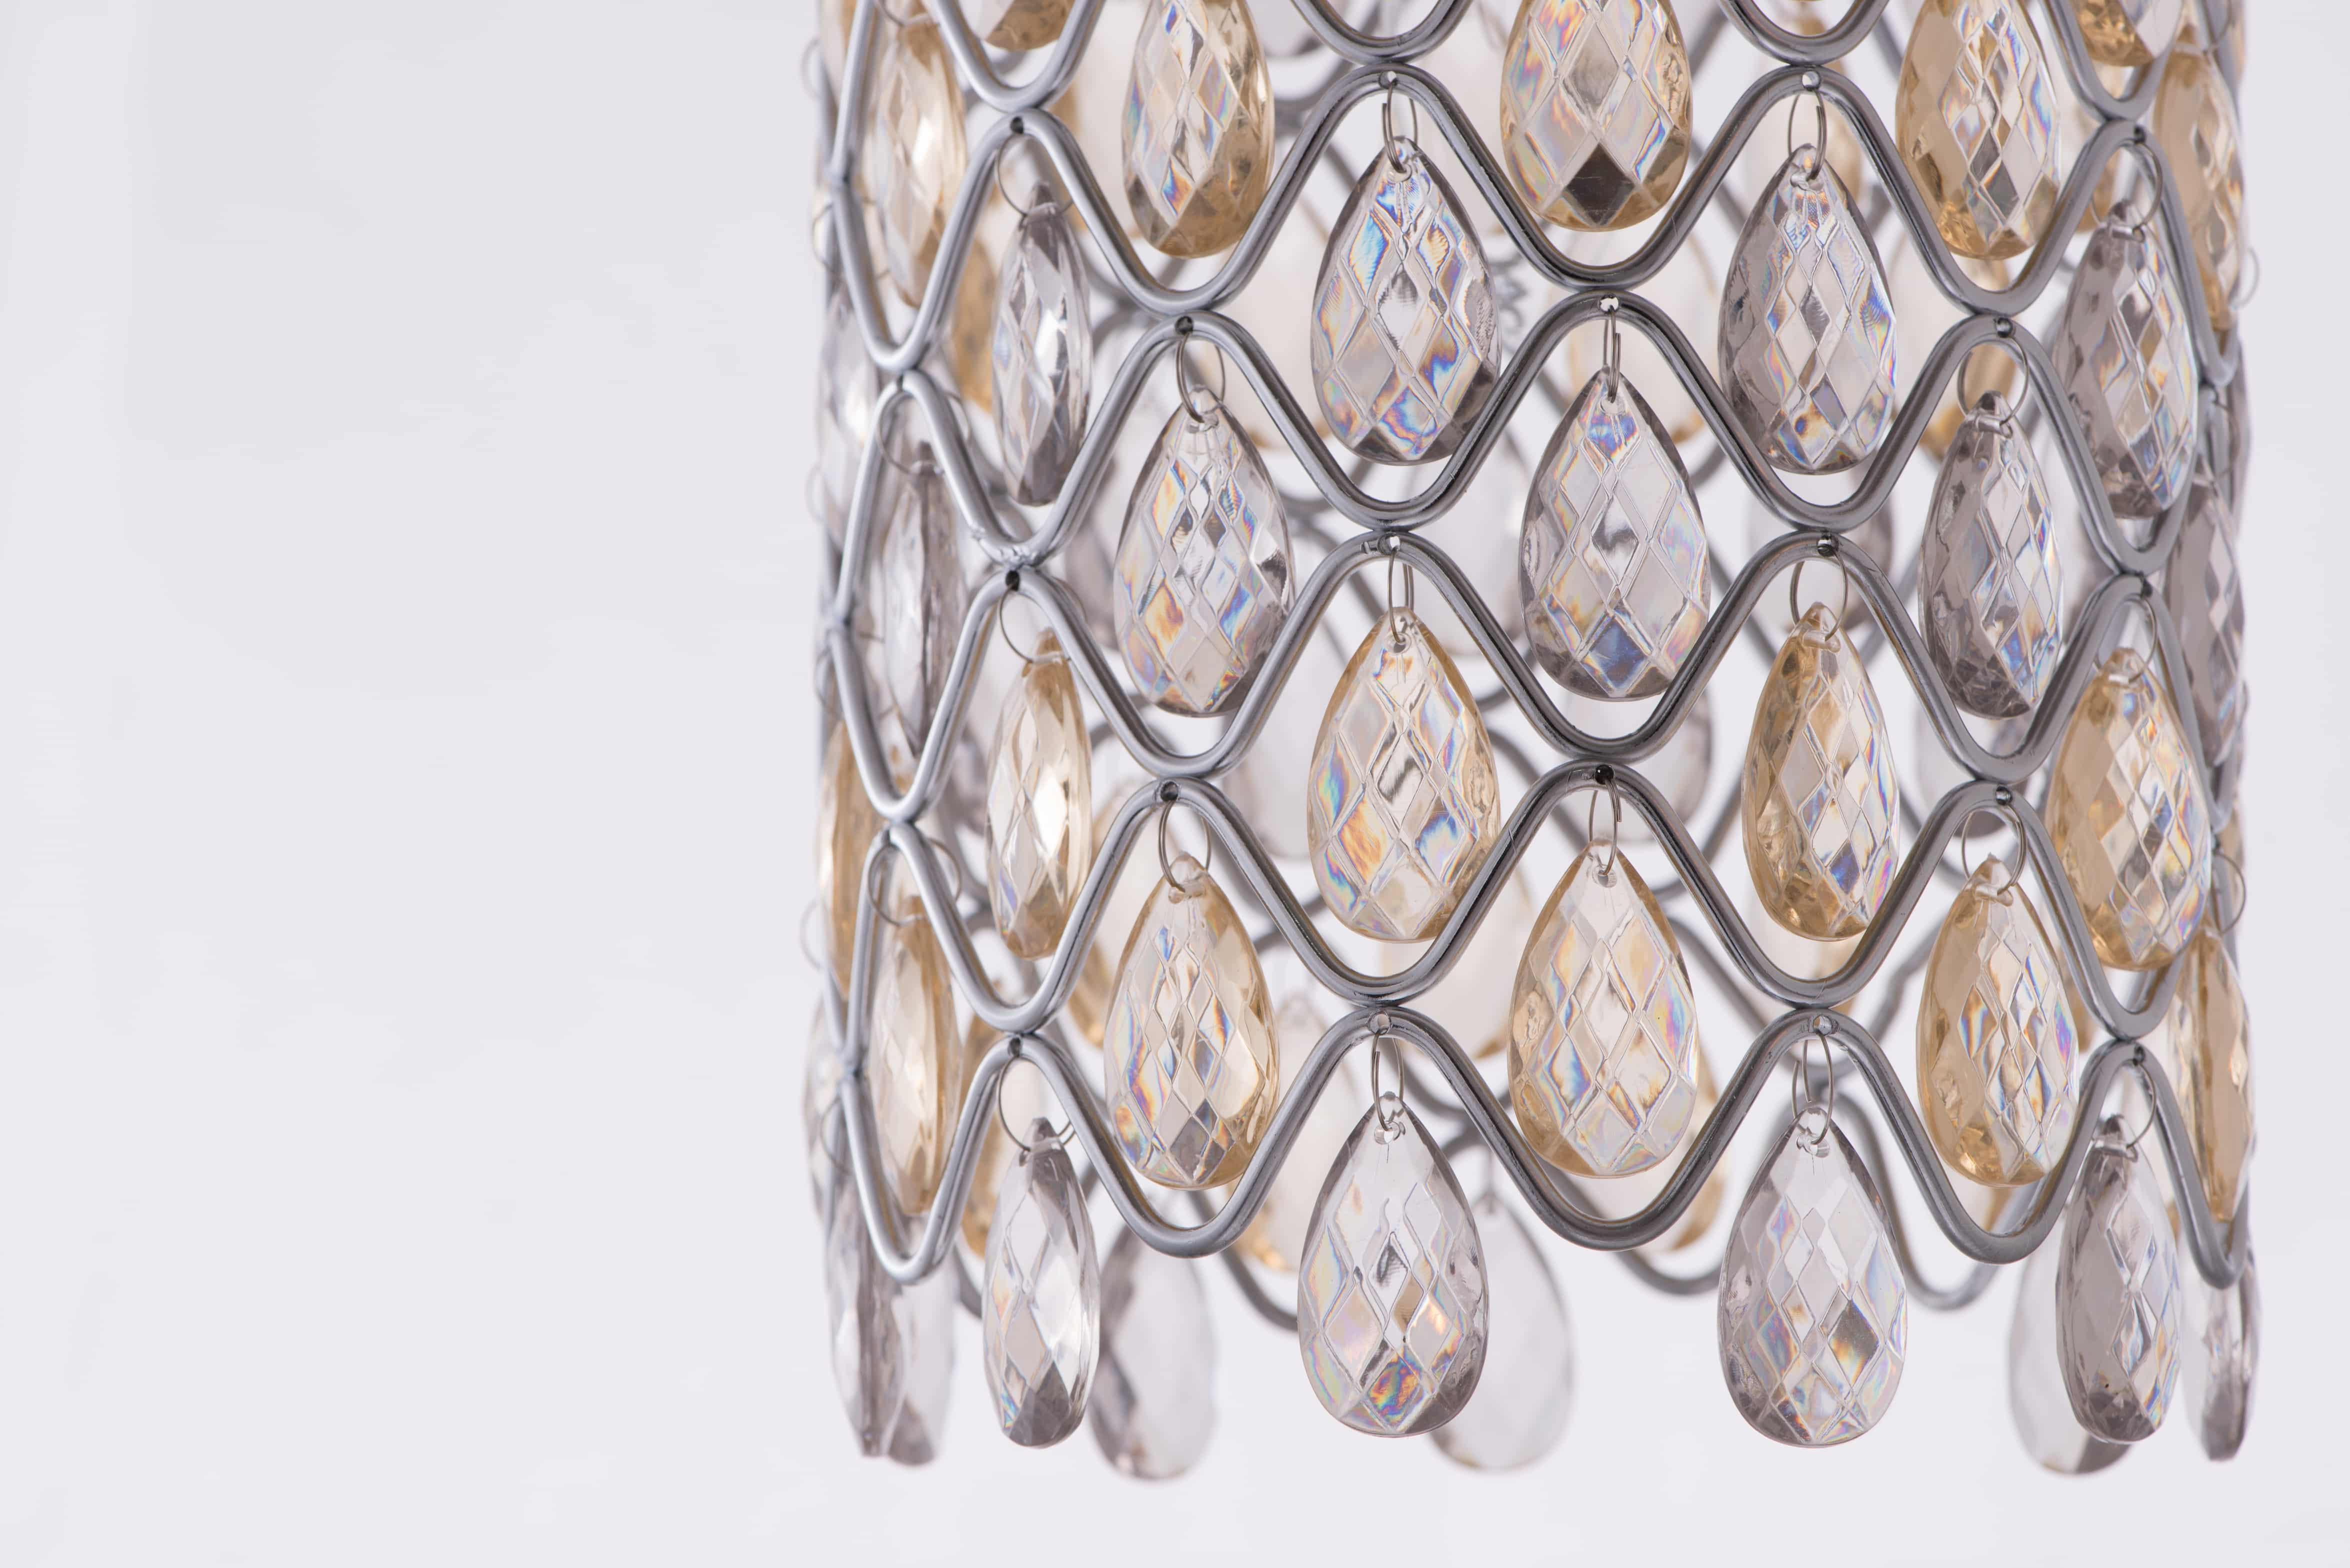 鍍鉻波浪紋壓克力珠吊燈-BNL00051 2